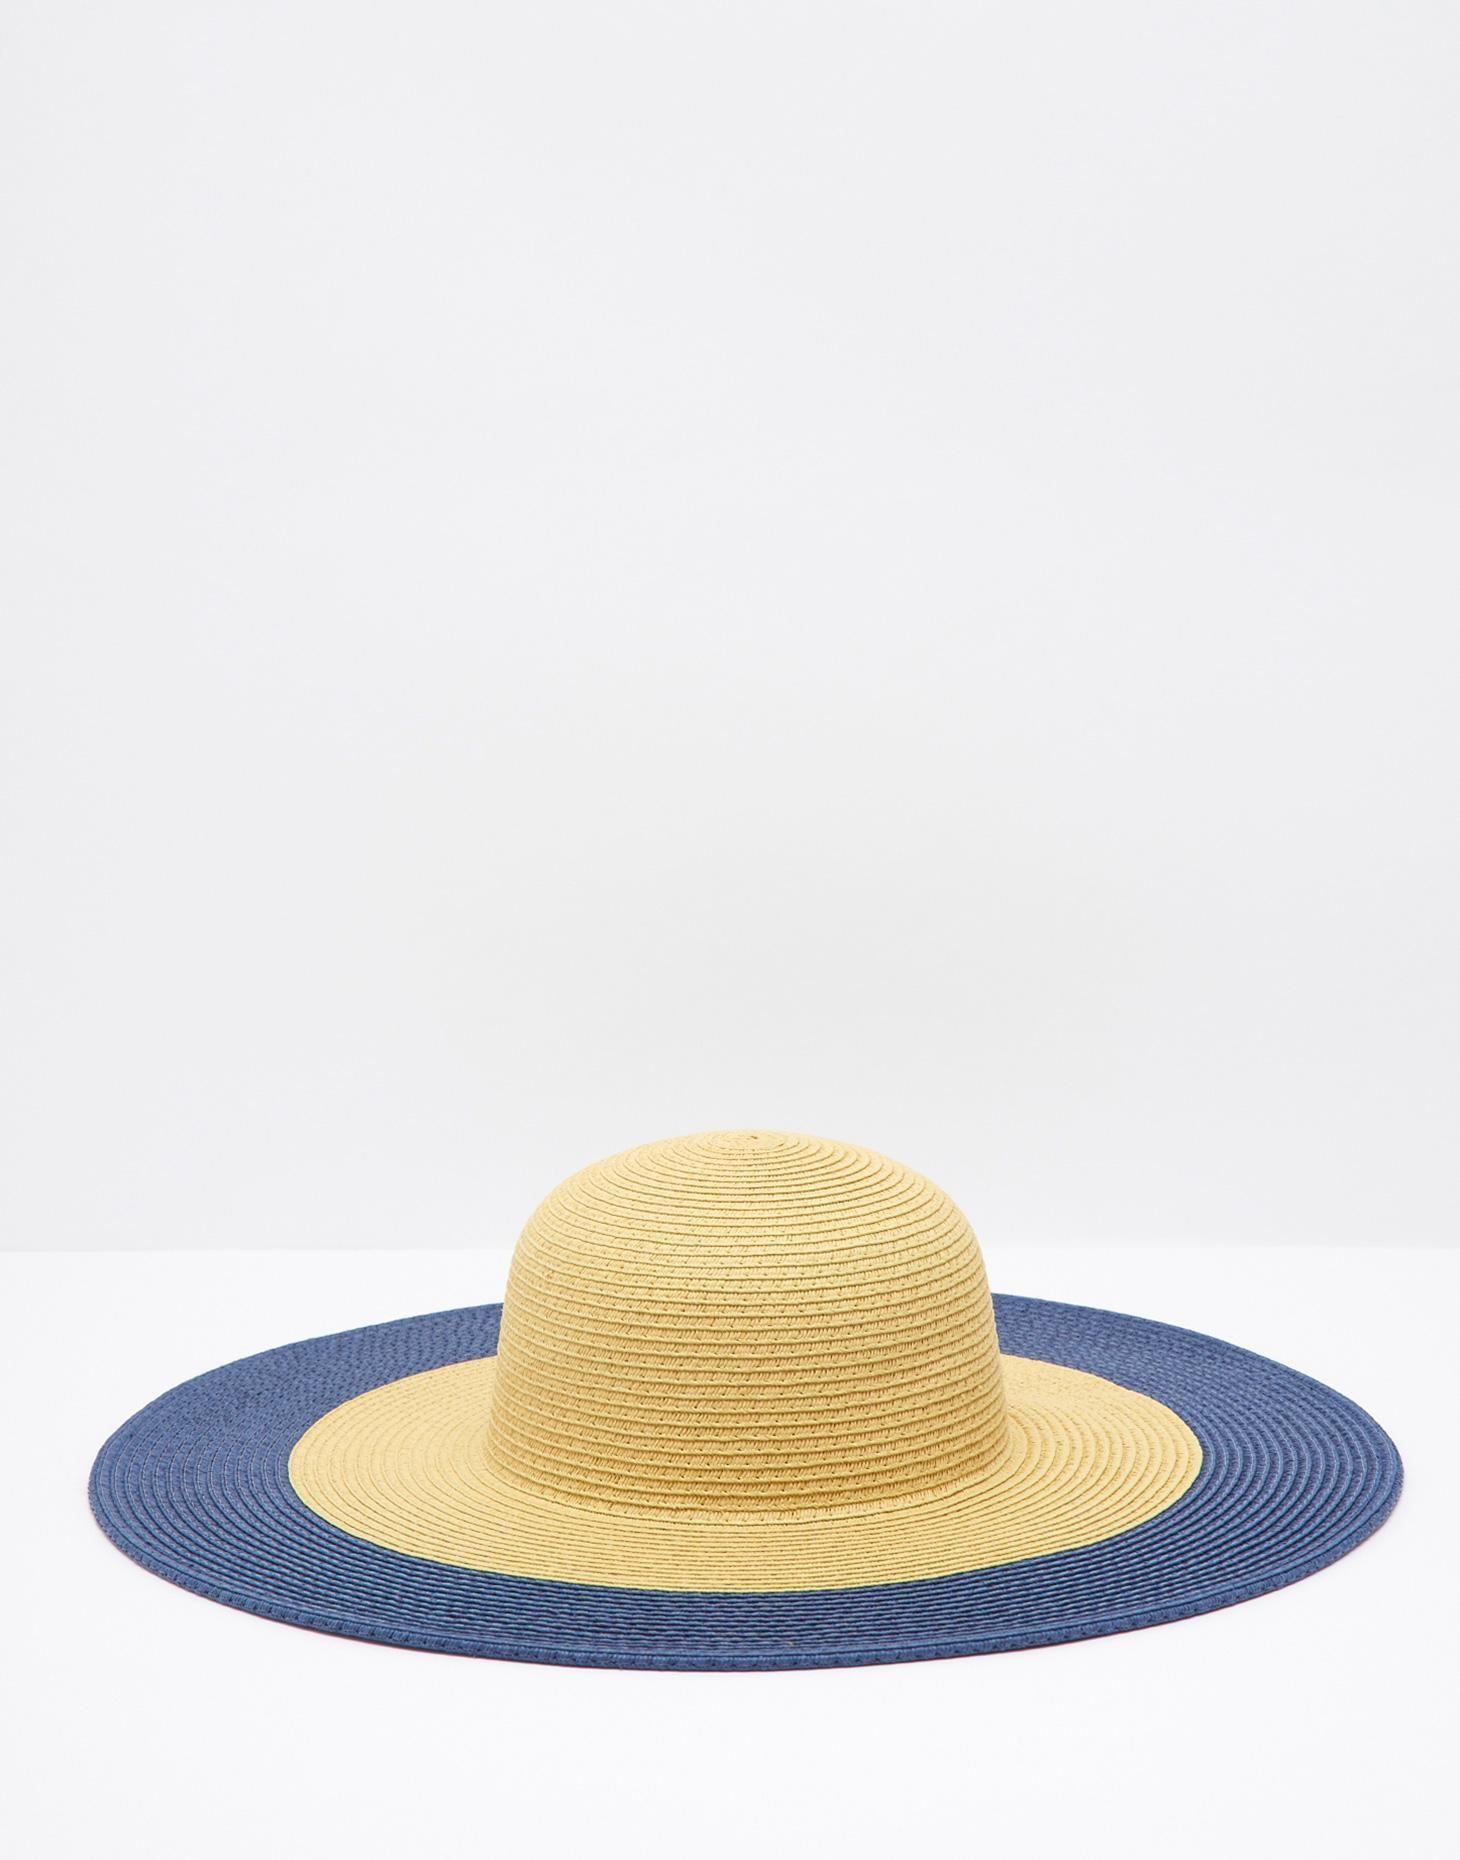 deaebd5d Mandy Blue Print Wide Brimmed Sun Hat | Cute Accessories